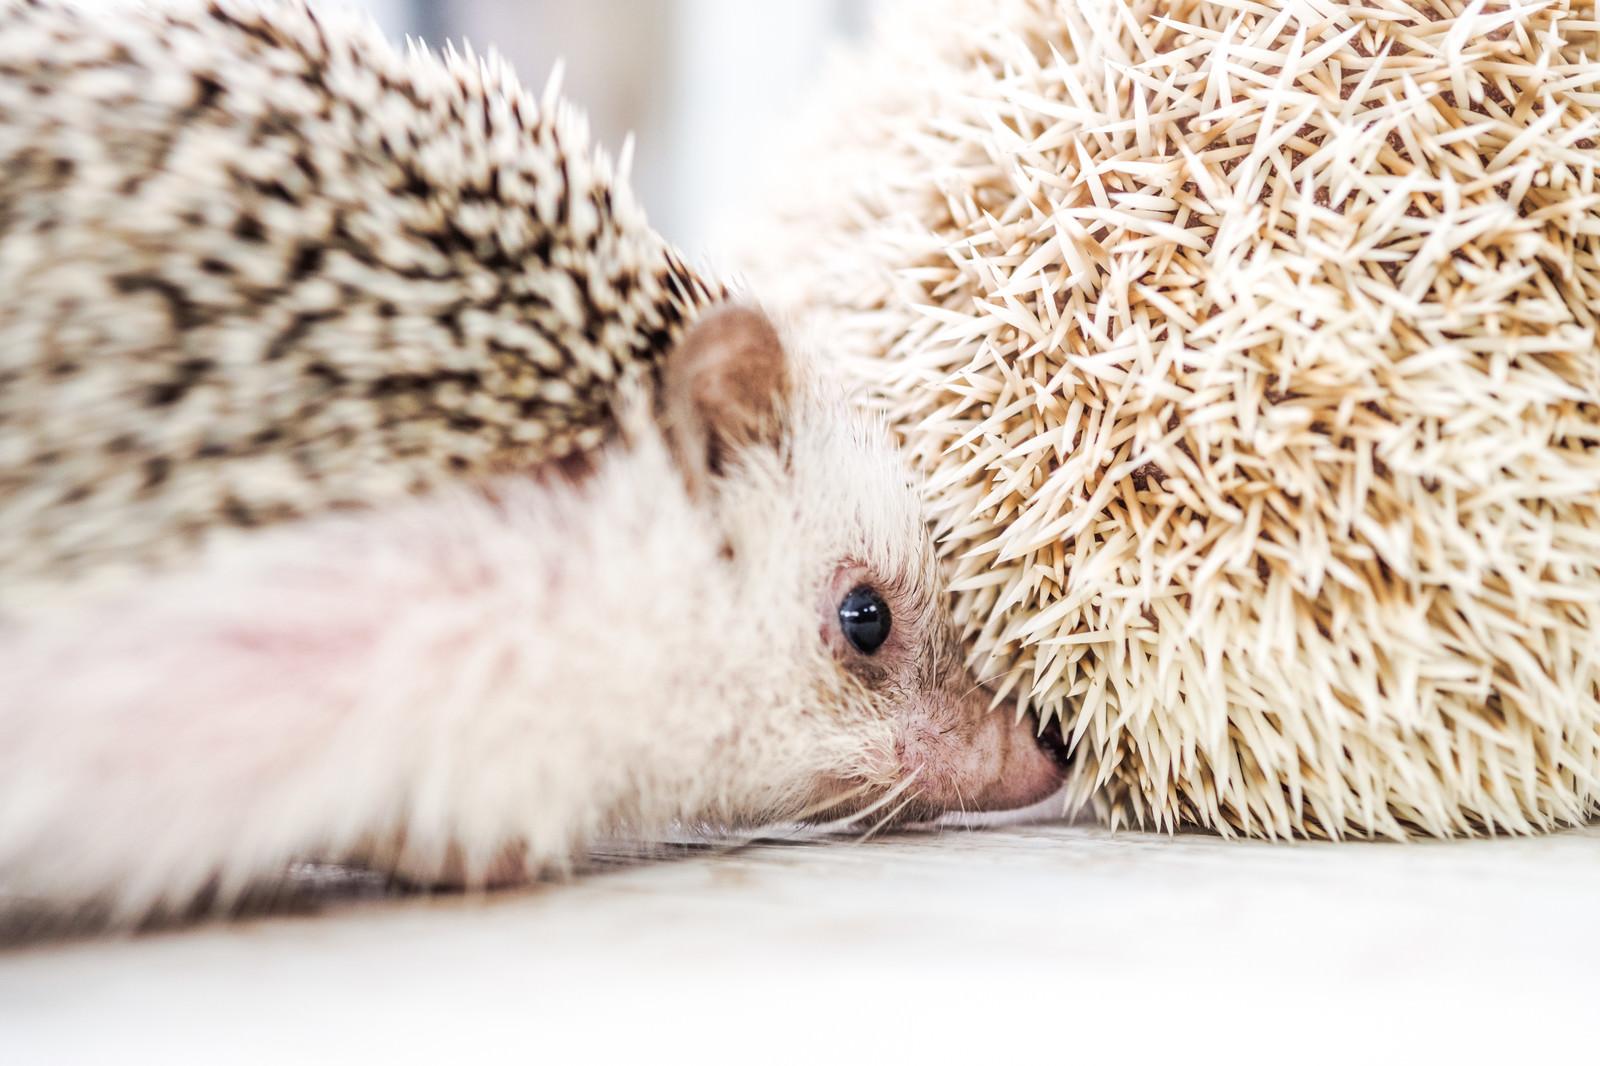 「はりねずみのお尻を嗅ぐハリネズミ | 写真の無料素材・フリー素材 - ぱくたそ」の写真